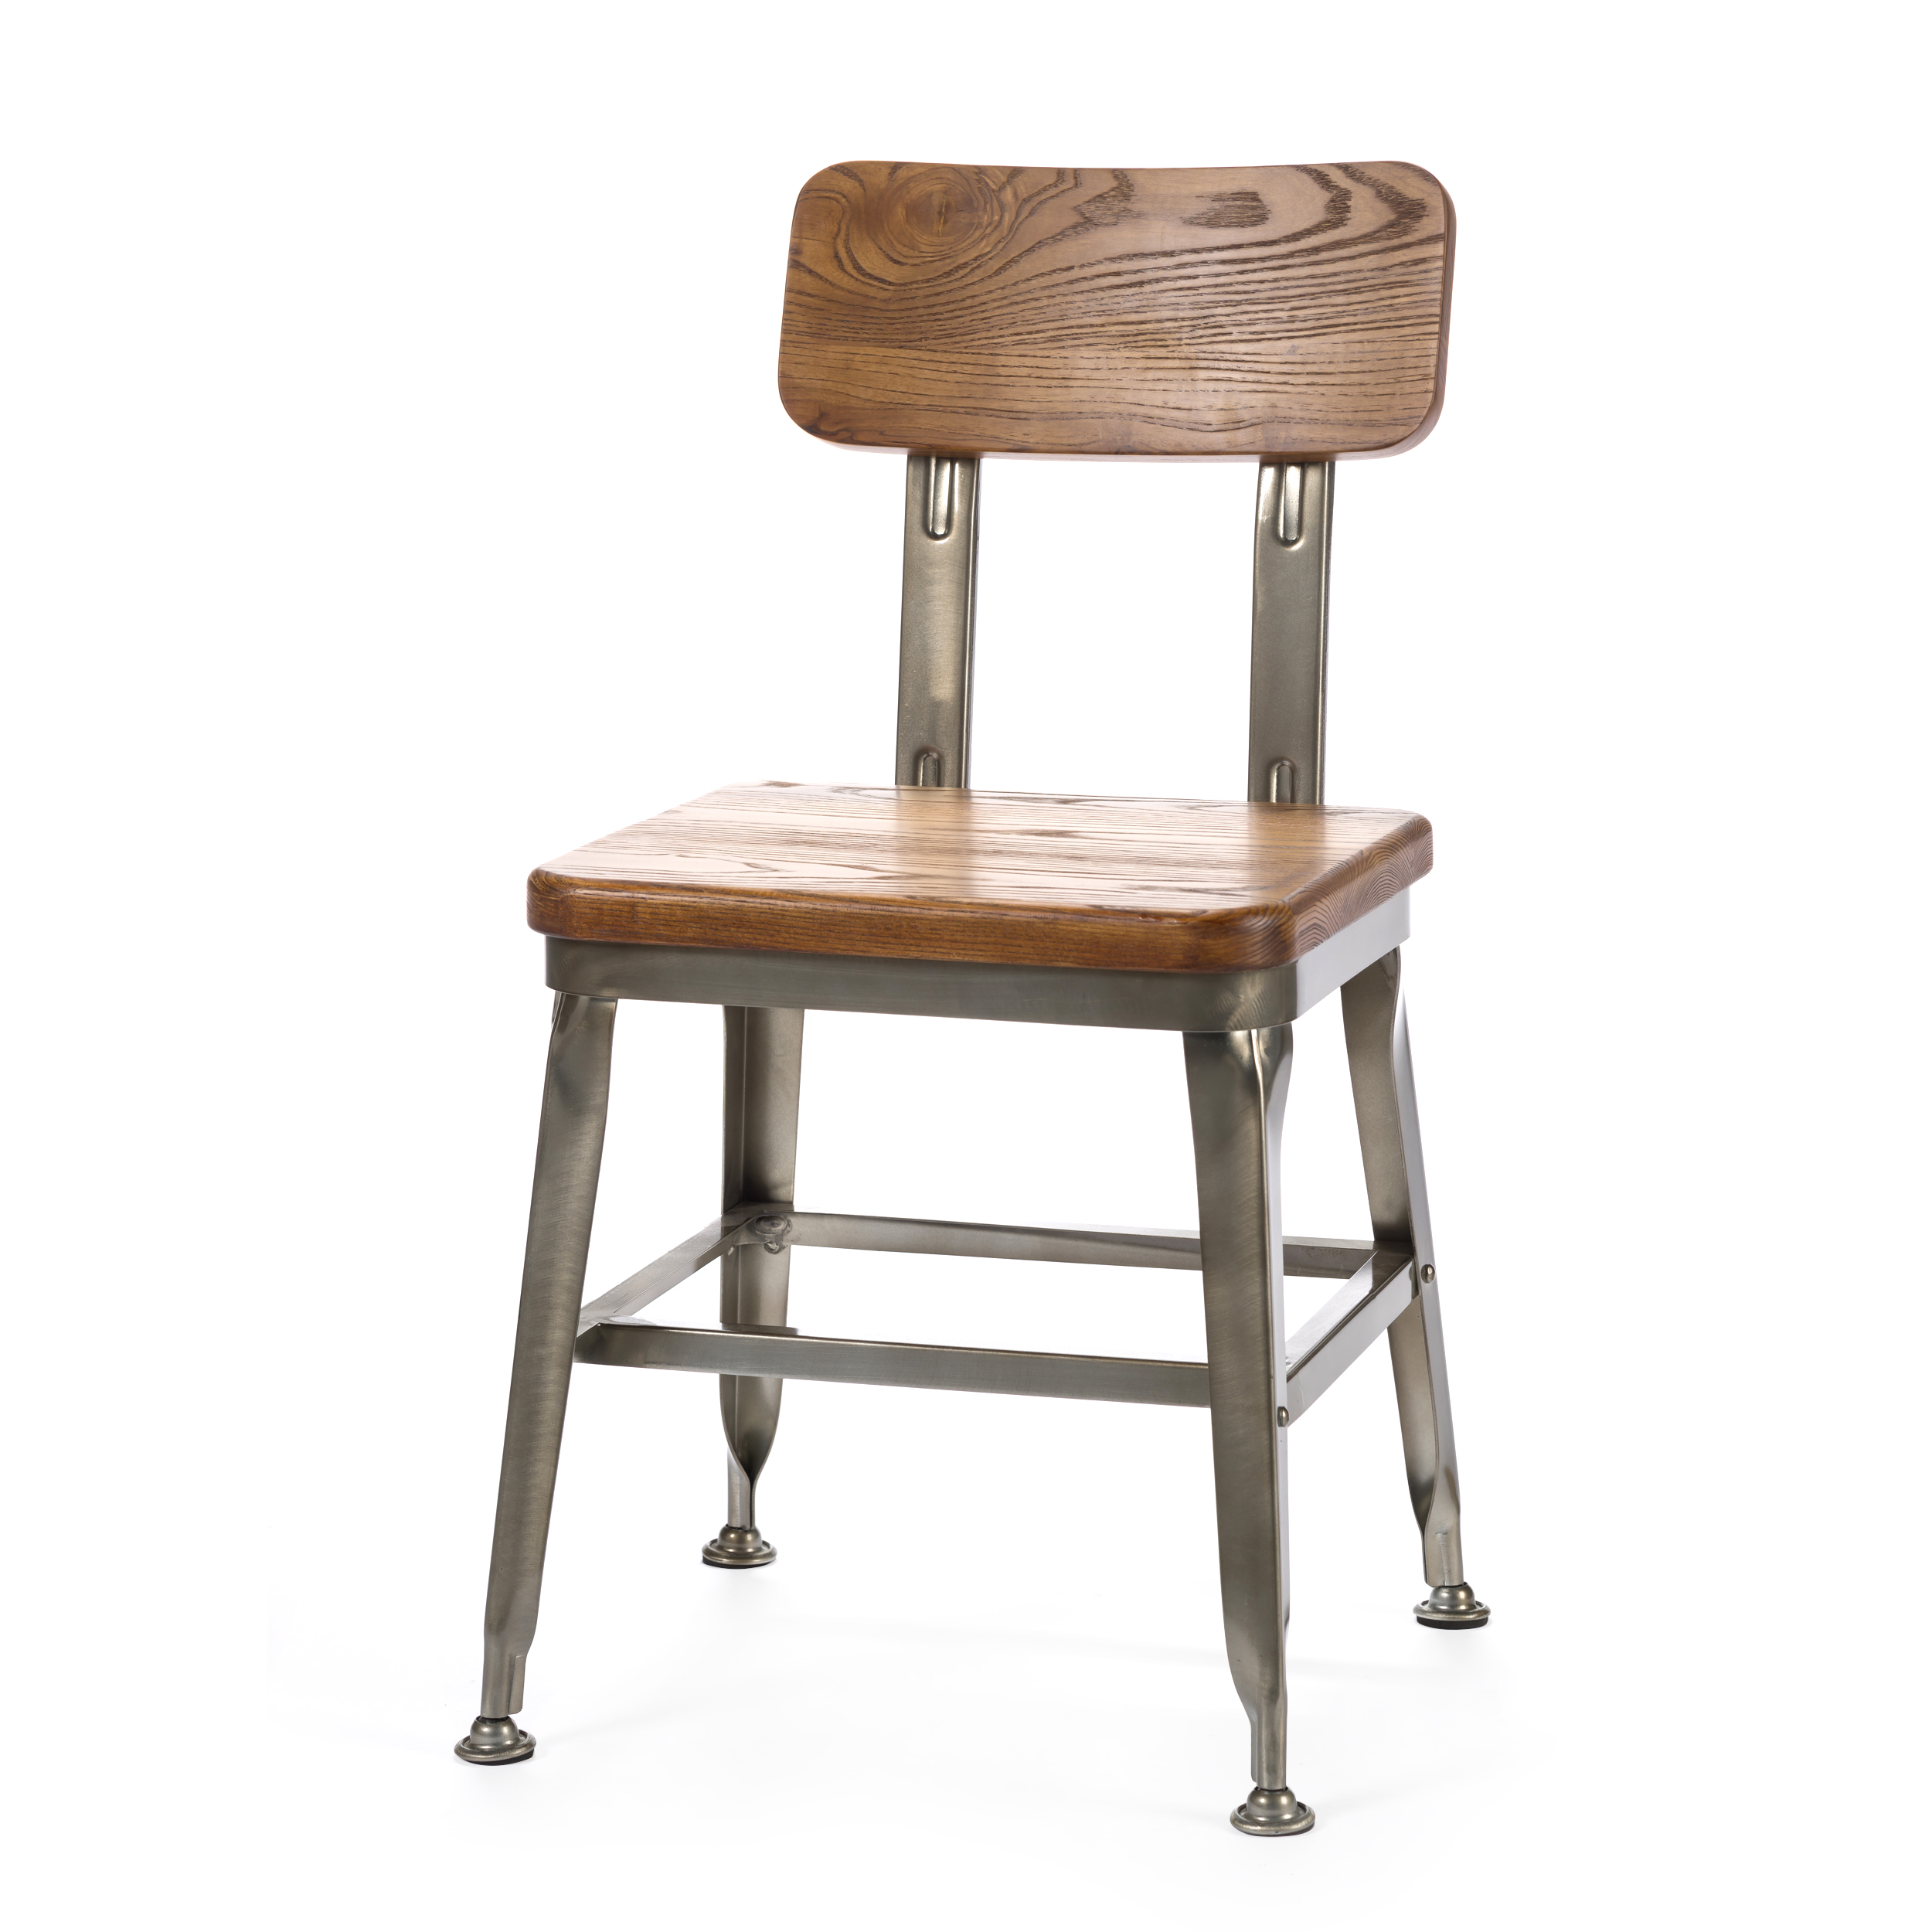 Стул HansИнтерьерные<br>Дизайнерский металлический стул Hans (Хэнс) с вставками из массива ивы от Cosmo (Космо).<br><br>     Ясу Сасамото, японский индустриальный дизайнер предметов обихода и основатель мебельной компании Dulton, наделяет свои работы необычной эстетикой и поразительной долговечностью. Его мебель может передаваться по наследству, уверенно проходя сквозь десятилетия. Он сделал возможным использовать аксессуары с промышленным характером даже в ретростиле жилых и общественных помещений.<br><br><br> Оригинальный с...<br><br>stock: 0<br>Высота: 79,5<br>Высота сиденья: 45<br>Ширина: 45<br>Глубина: 49,5<br>Тип материала каркаса: Сталь<br>Материал сидения: Массив ивы<br>Цвет сидения: Коричневый<br>Тип материала сидения: Дерево<br>Цвет каркаса: Бронза пушечная